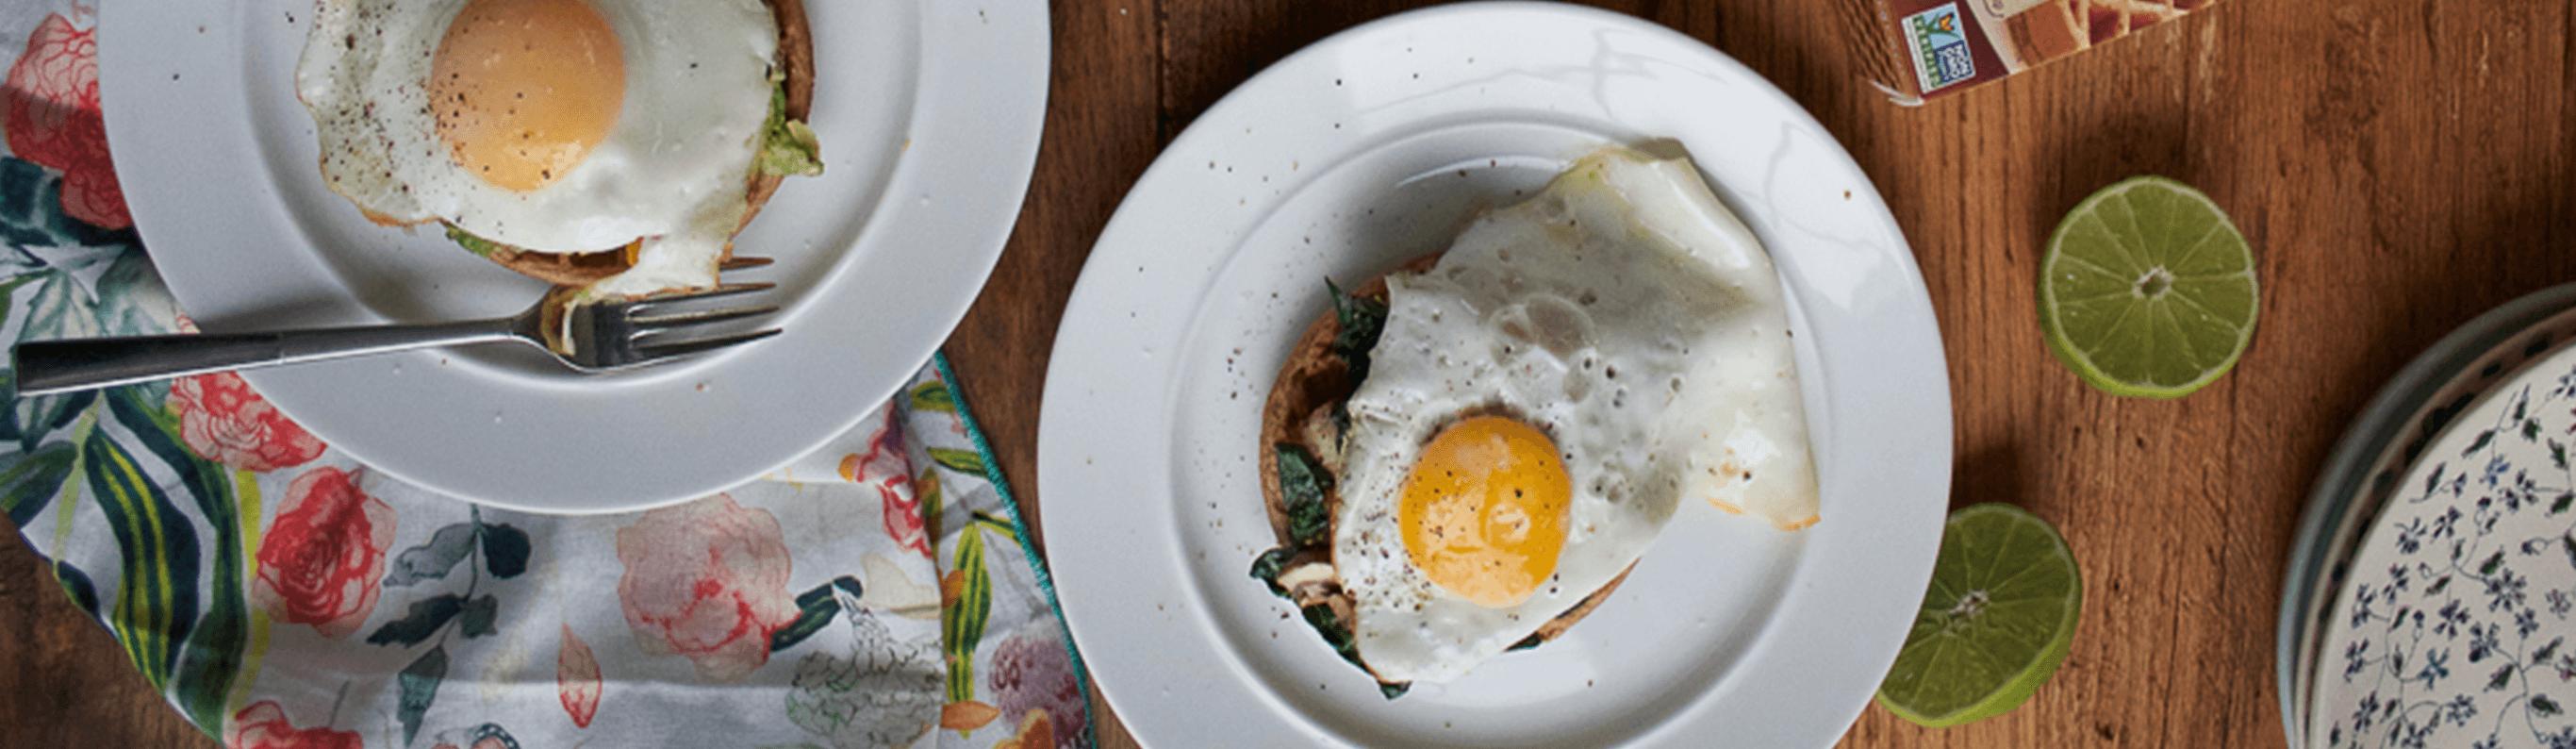 Avocado & Egg Waffles